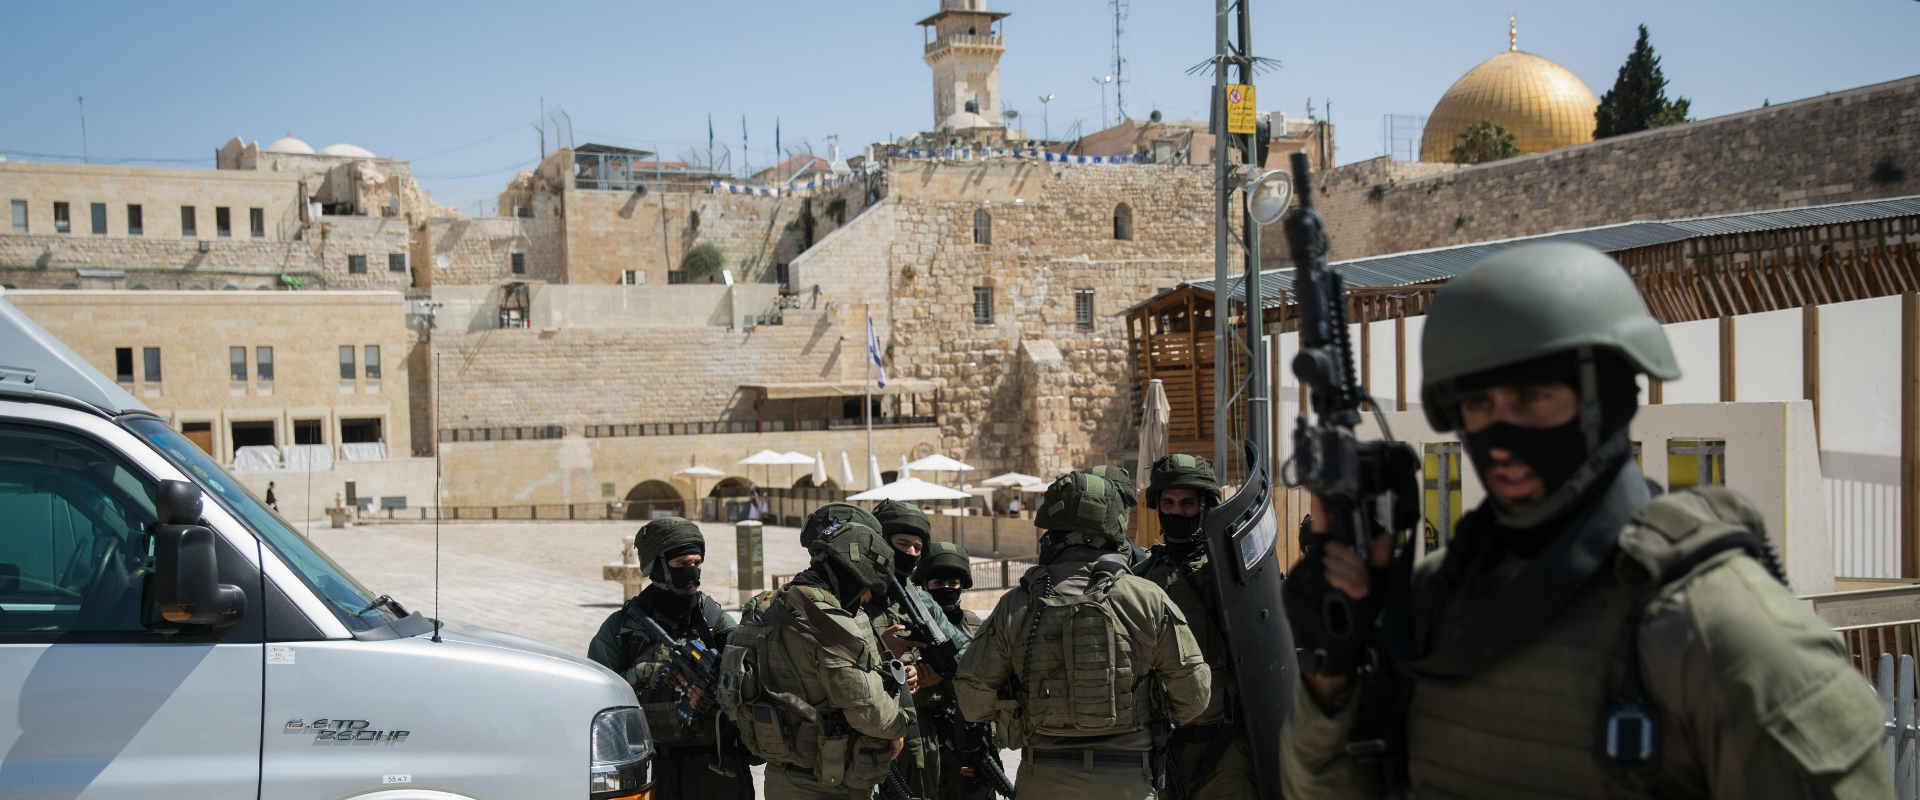 כוחות הביטחון בסמוך למקום הפיגוע בהר הבית